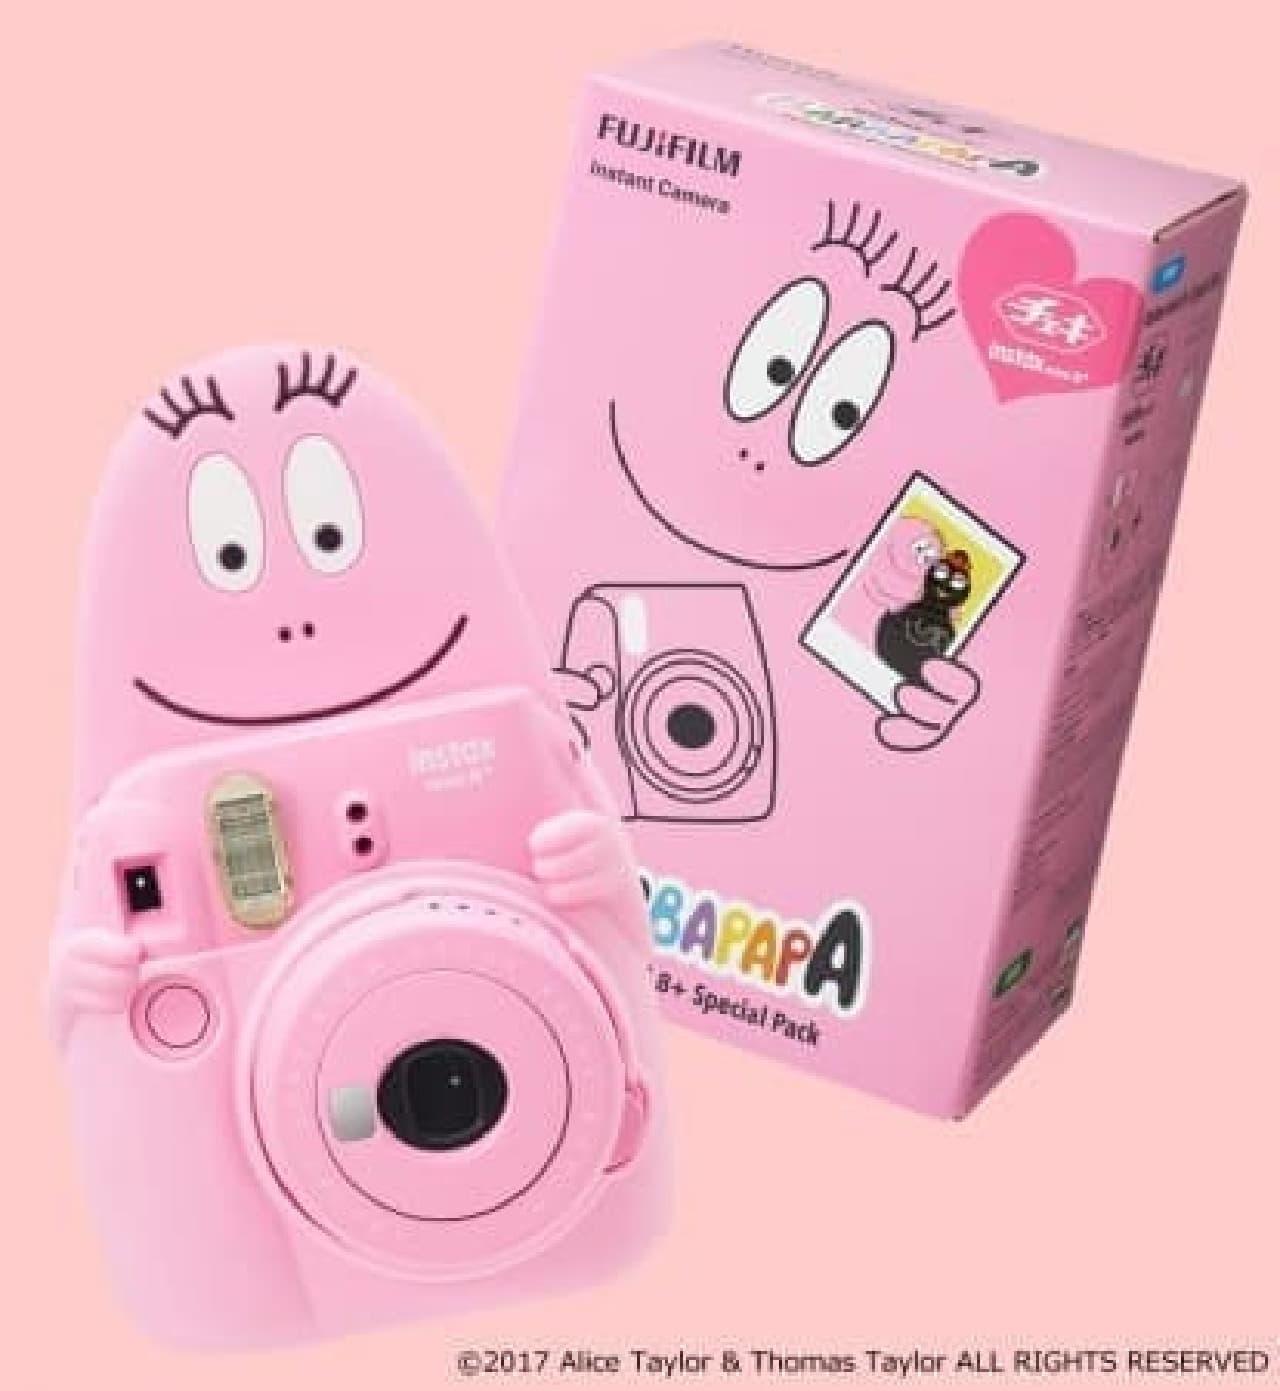 インスタントカメラのチェキとバーバパパのコラボ商品がPLAZA・MINiPLAに